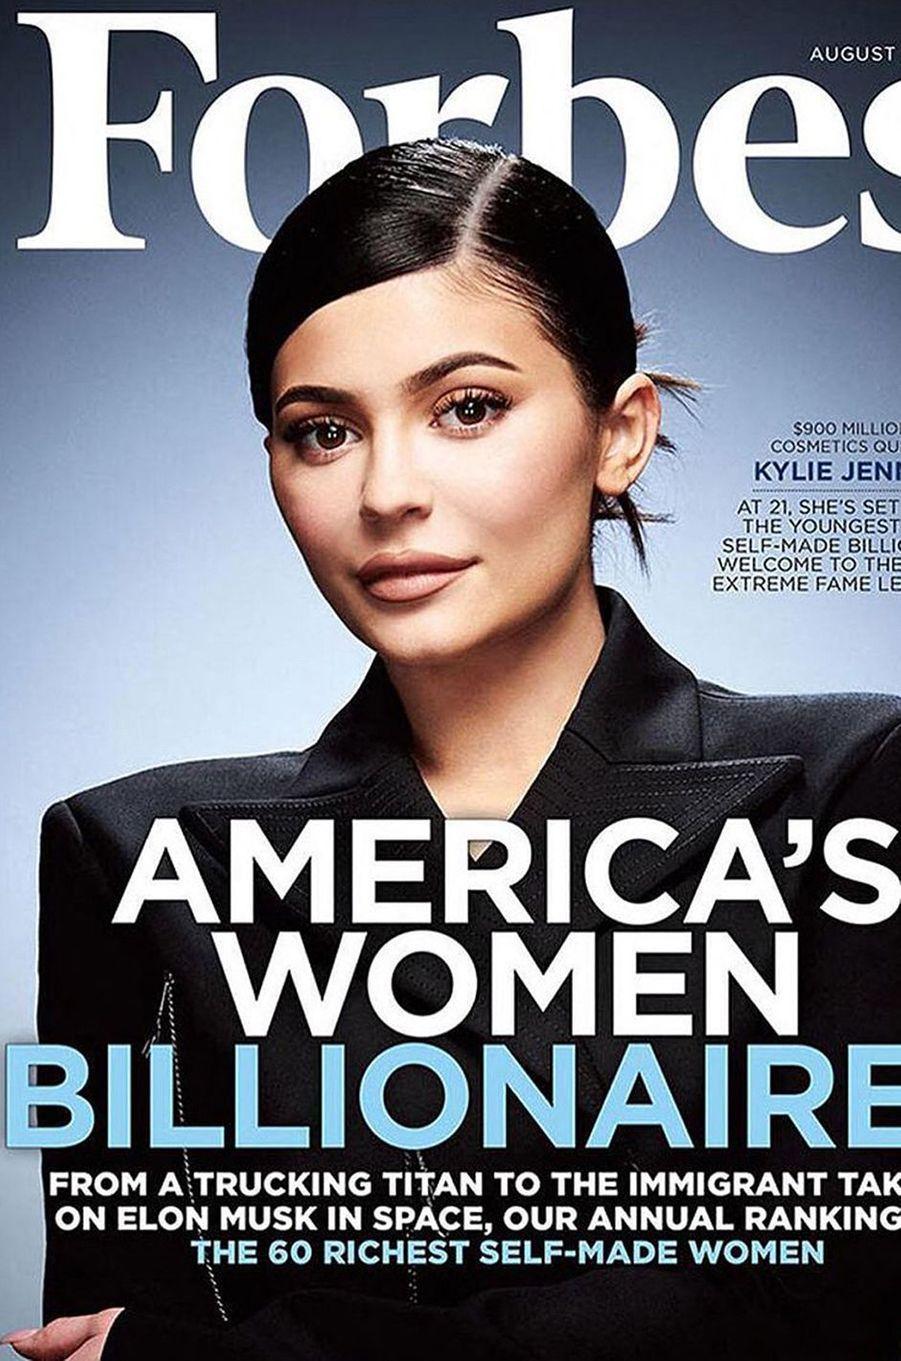 En mai 2020, le magazine «Forbes» avait publié un article pour révéler que Kylie Jenner, sacrée l'année précédente «plus jeune milliardaire au monde s'étant construite seule», avait menti pour grossir sa fortune. Son titre lui a ainsi été retiré.